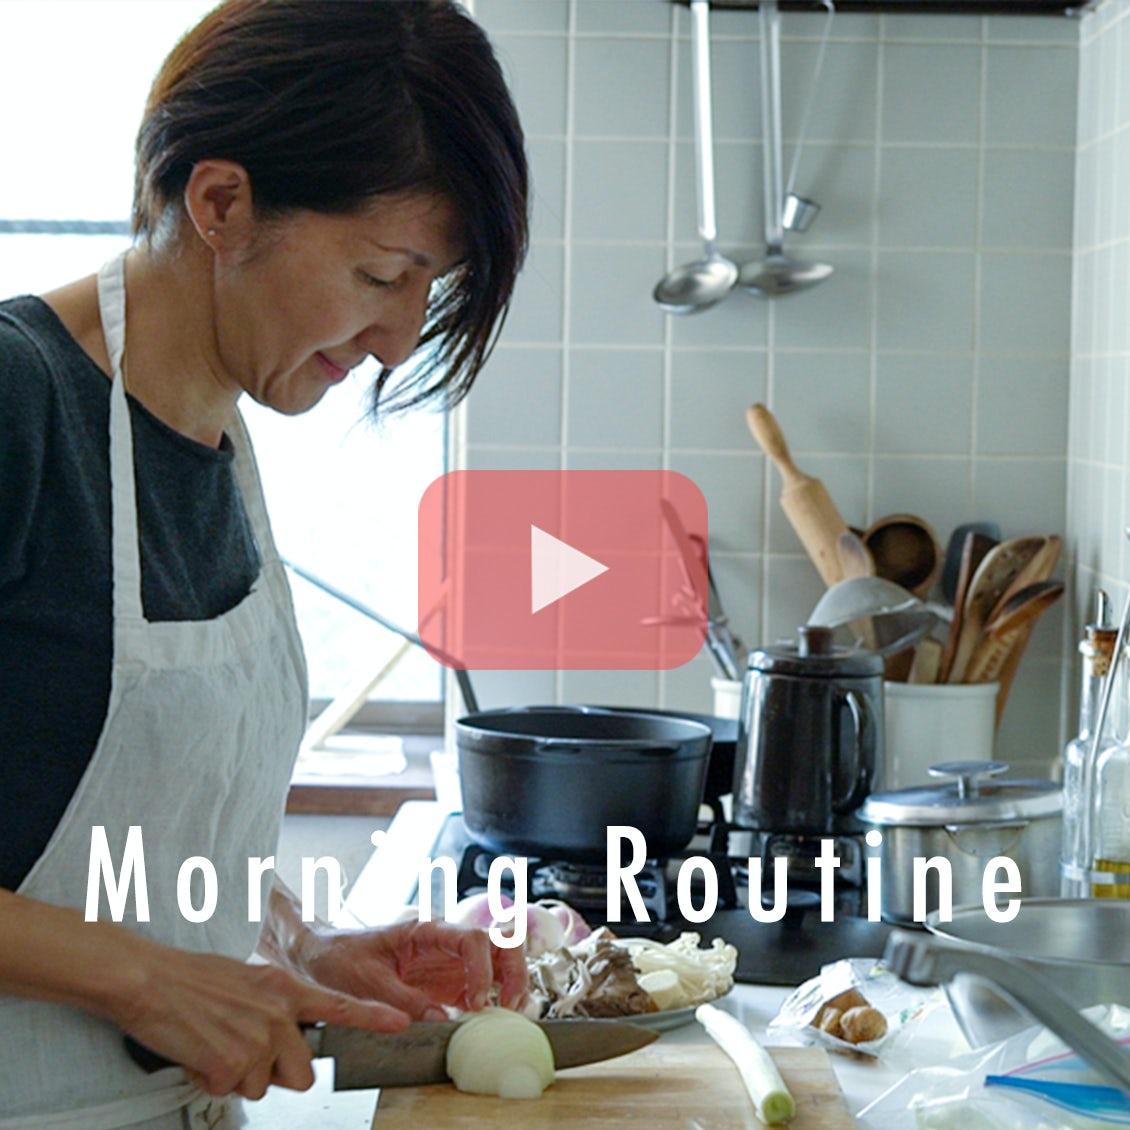 【わたしの朝習慣】野菜を切っておくだけでも。夜の自分をラクにするための家事ルール